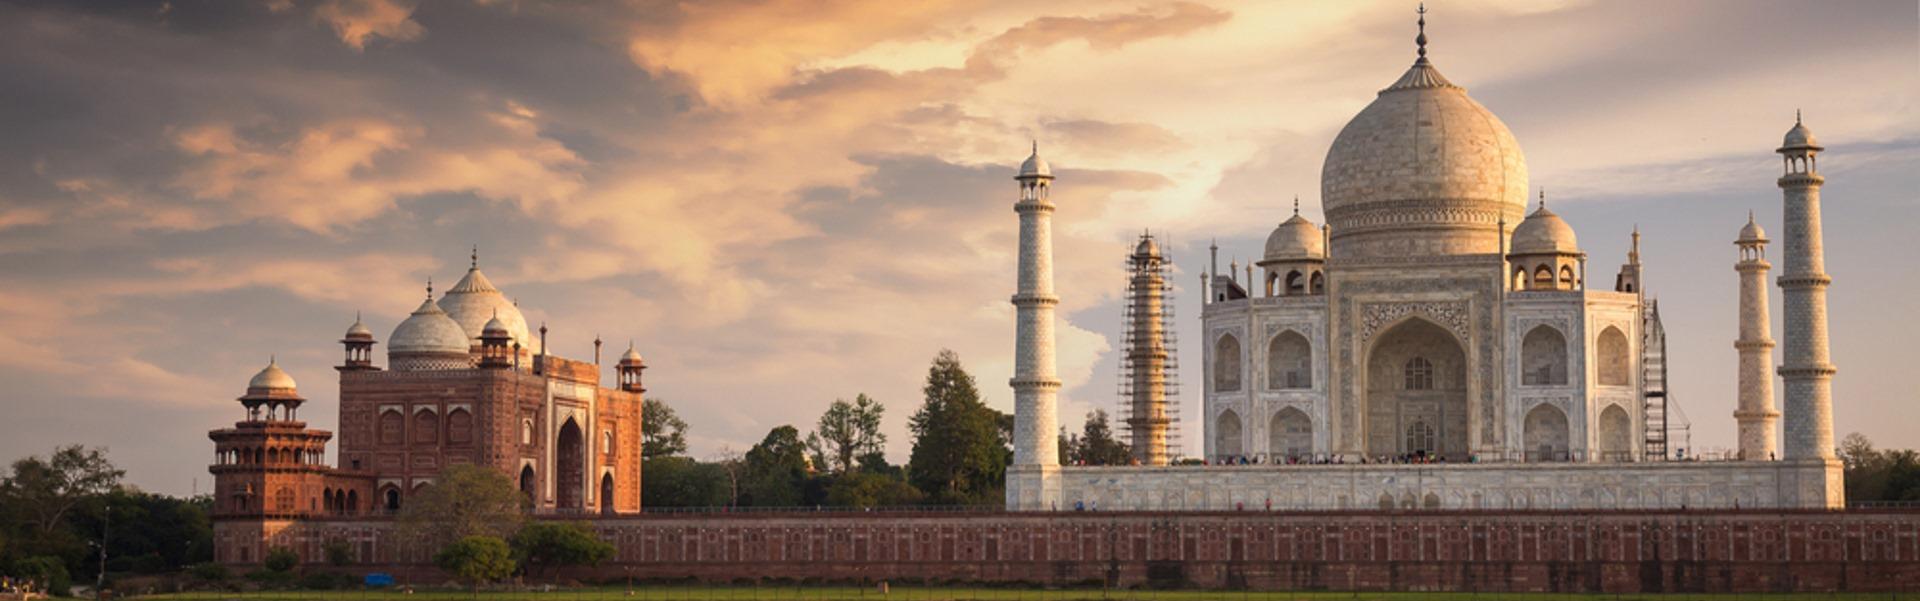 Full view of the Taj Mahal